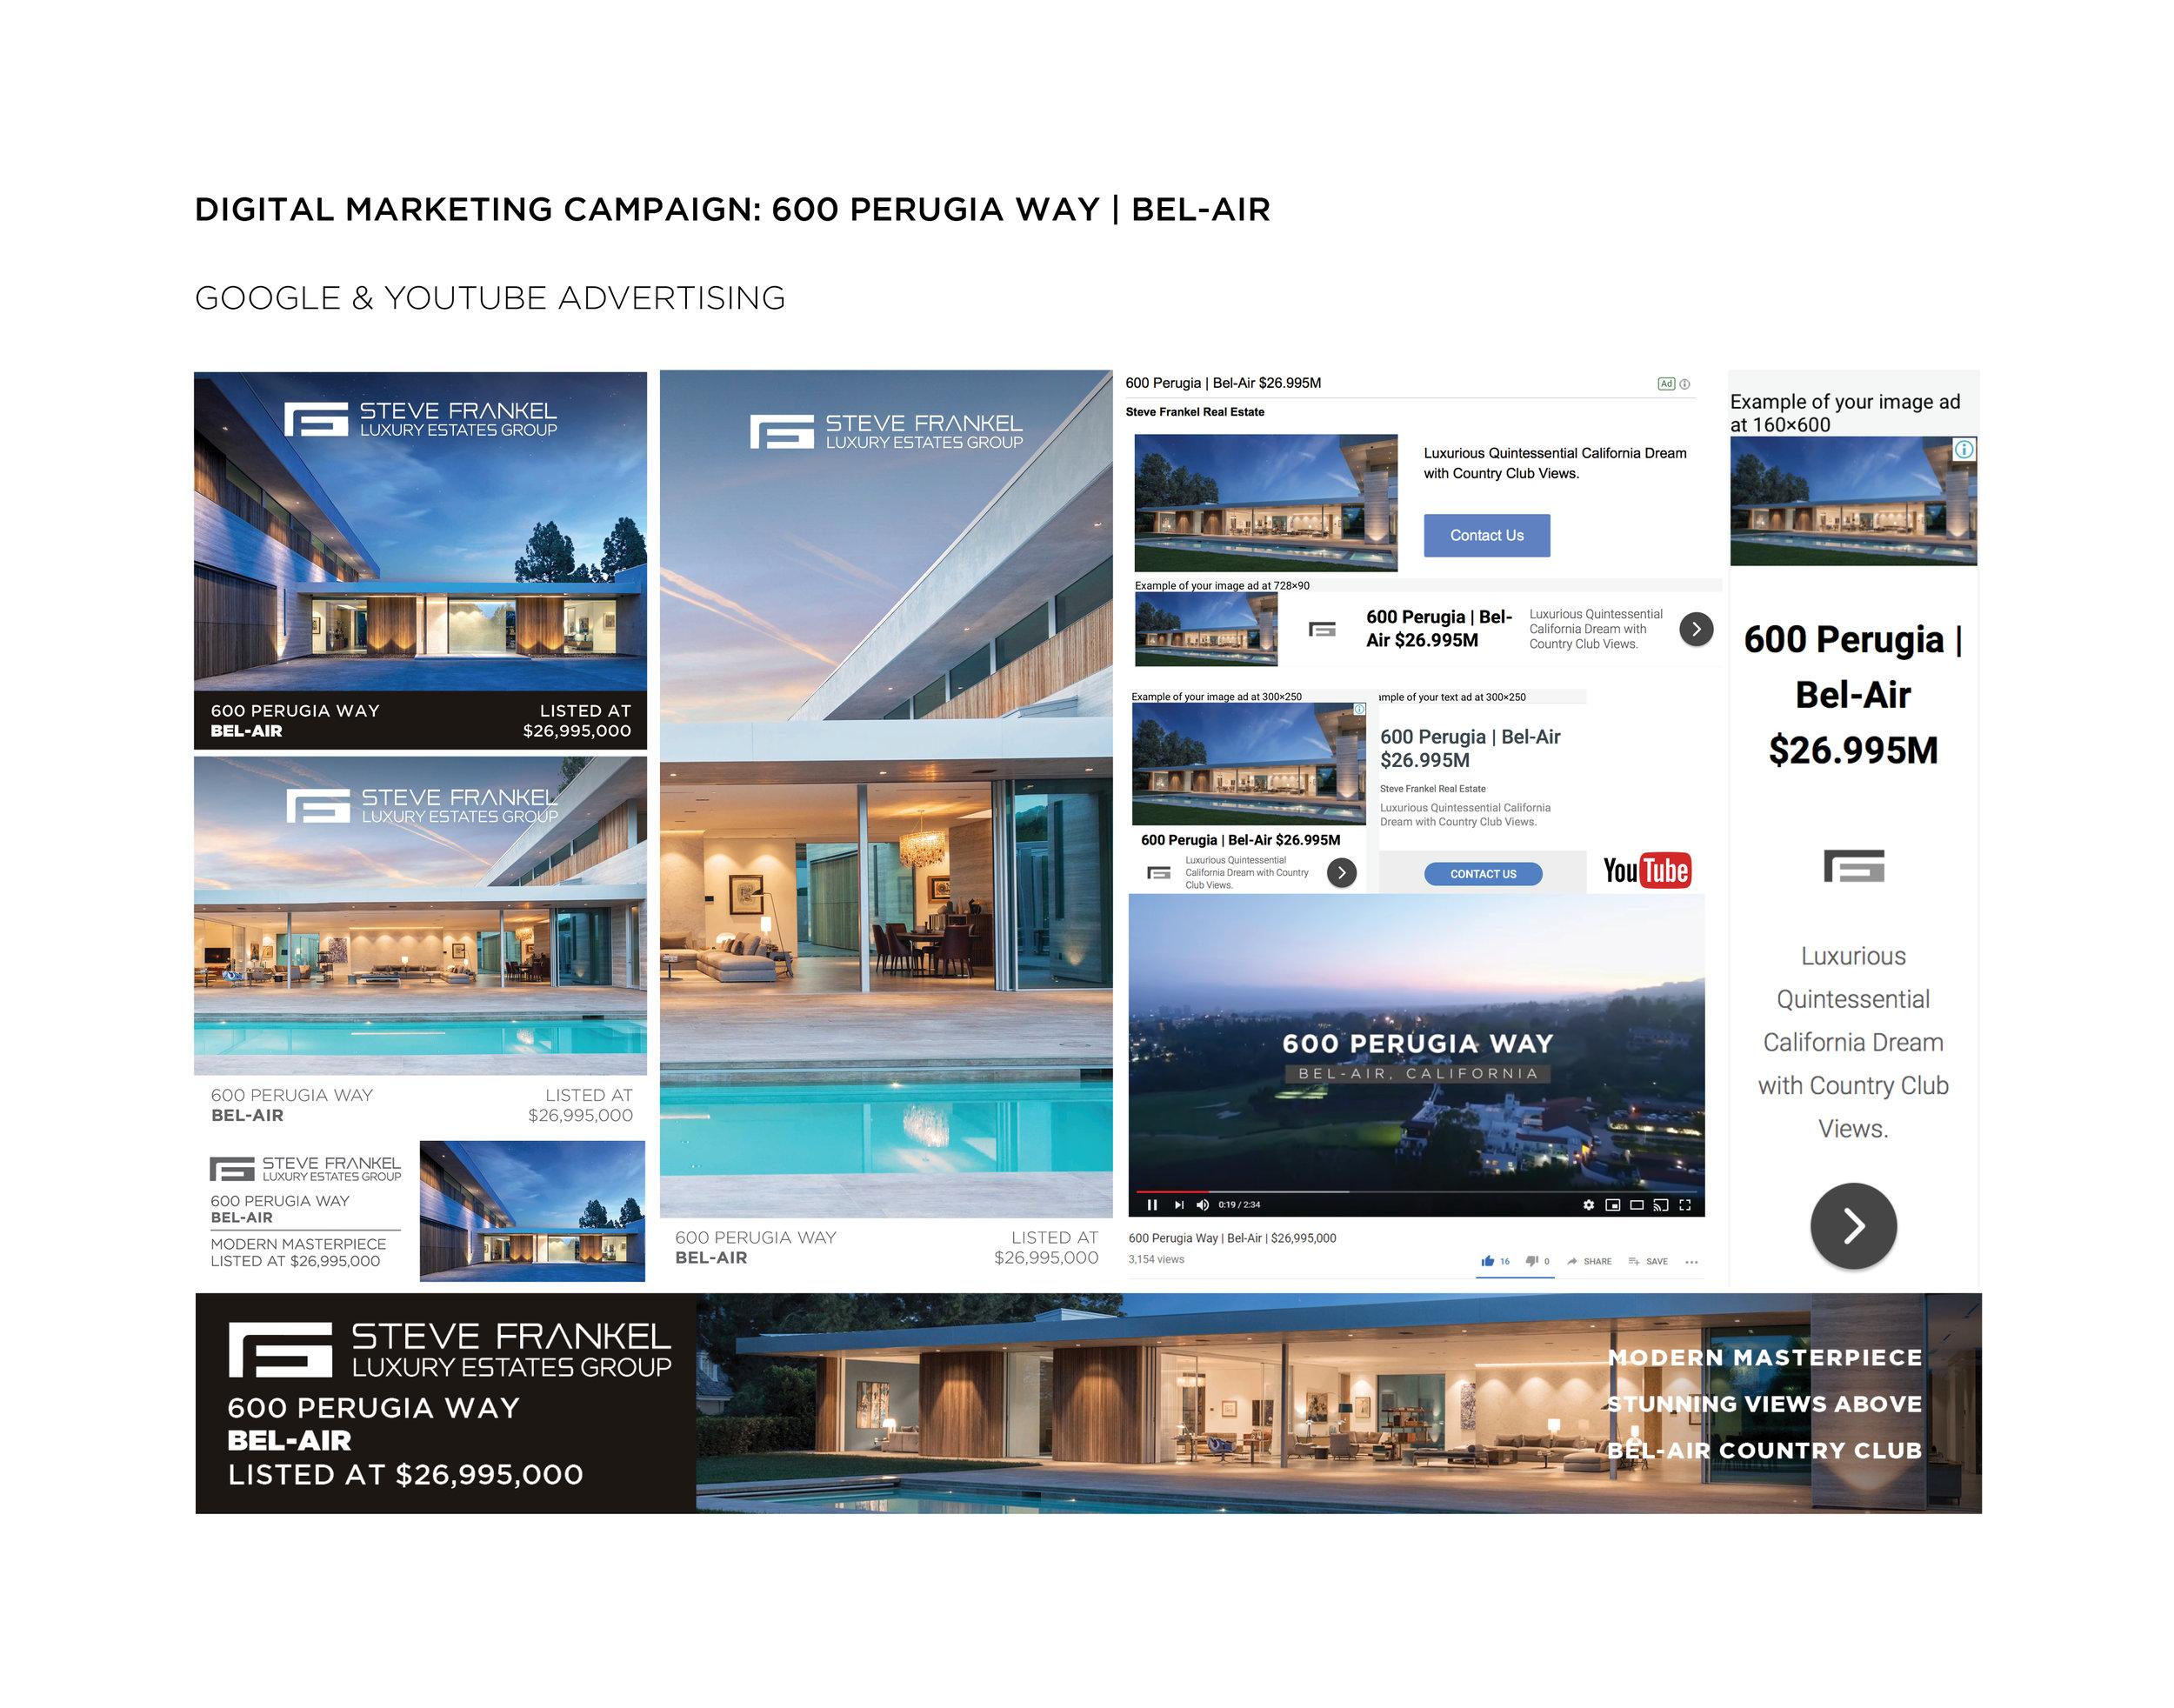 SteveFrankel_PresentationBook14x11_071719_Tablet66.jpg